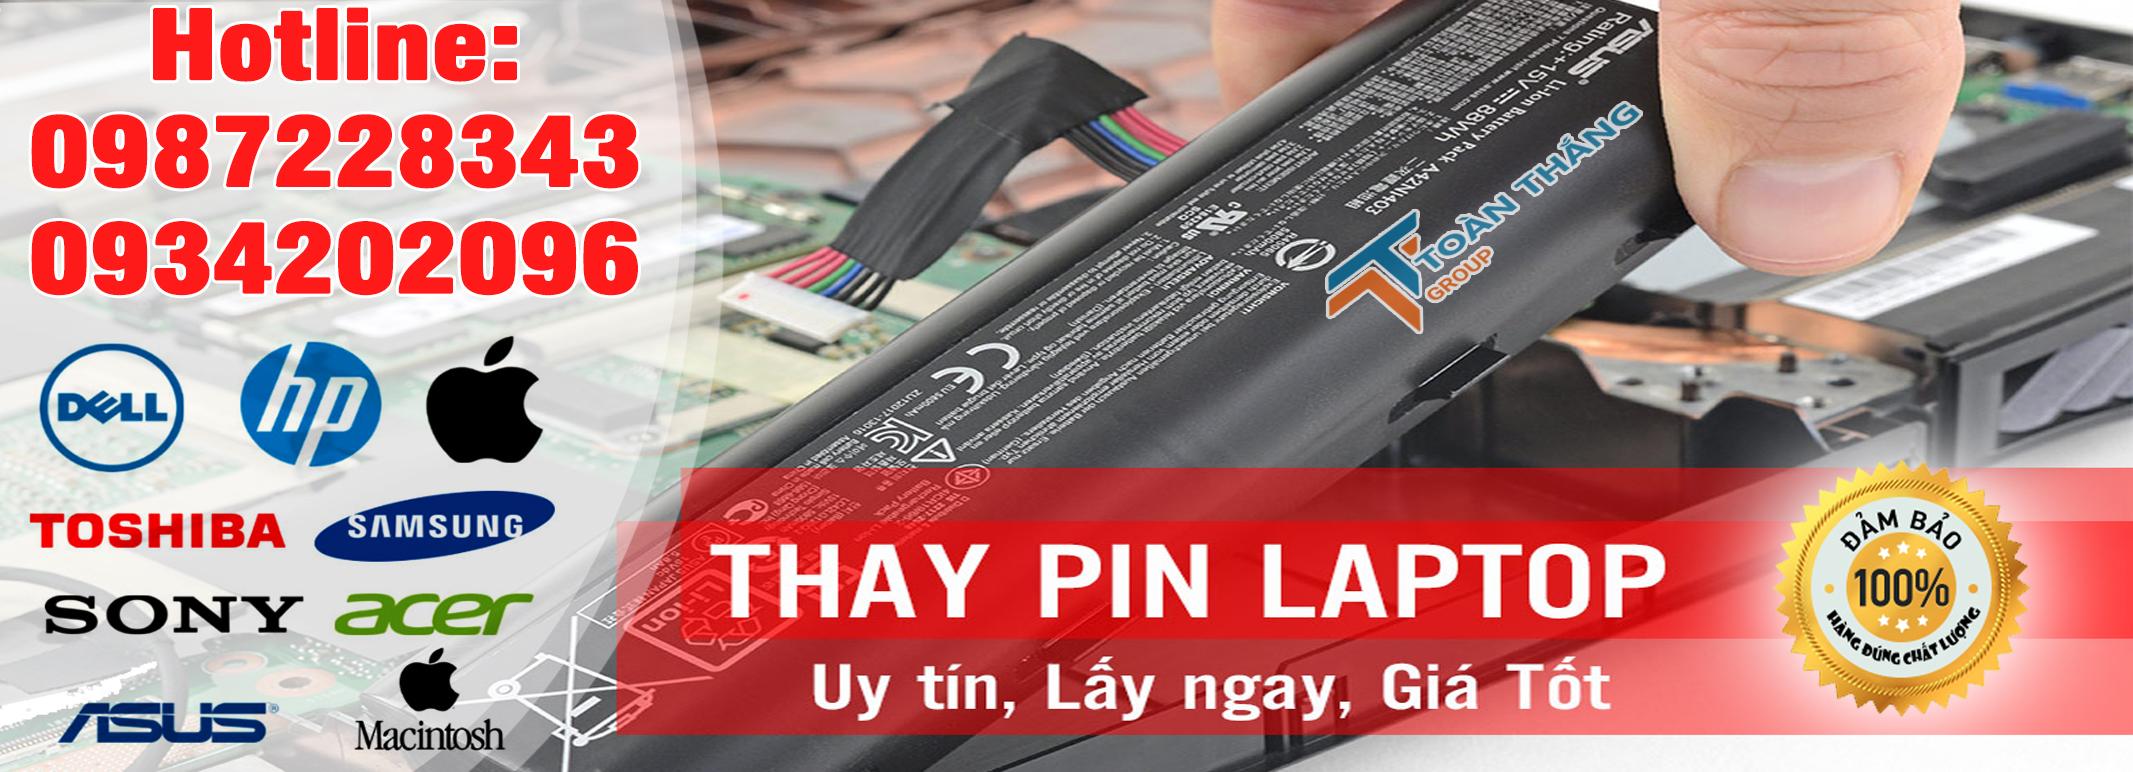 Công Ty Dịch Vụ Thay Pin Laptop Tận Nơi Quận 3 Uy Tín Chính Hãng